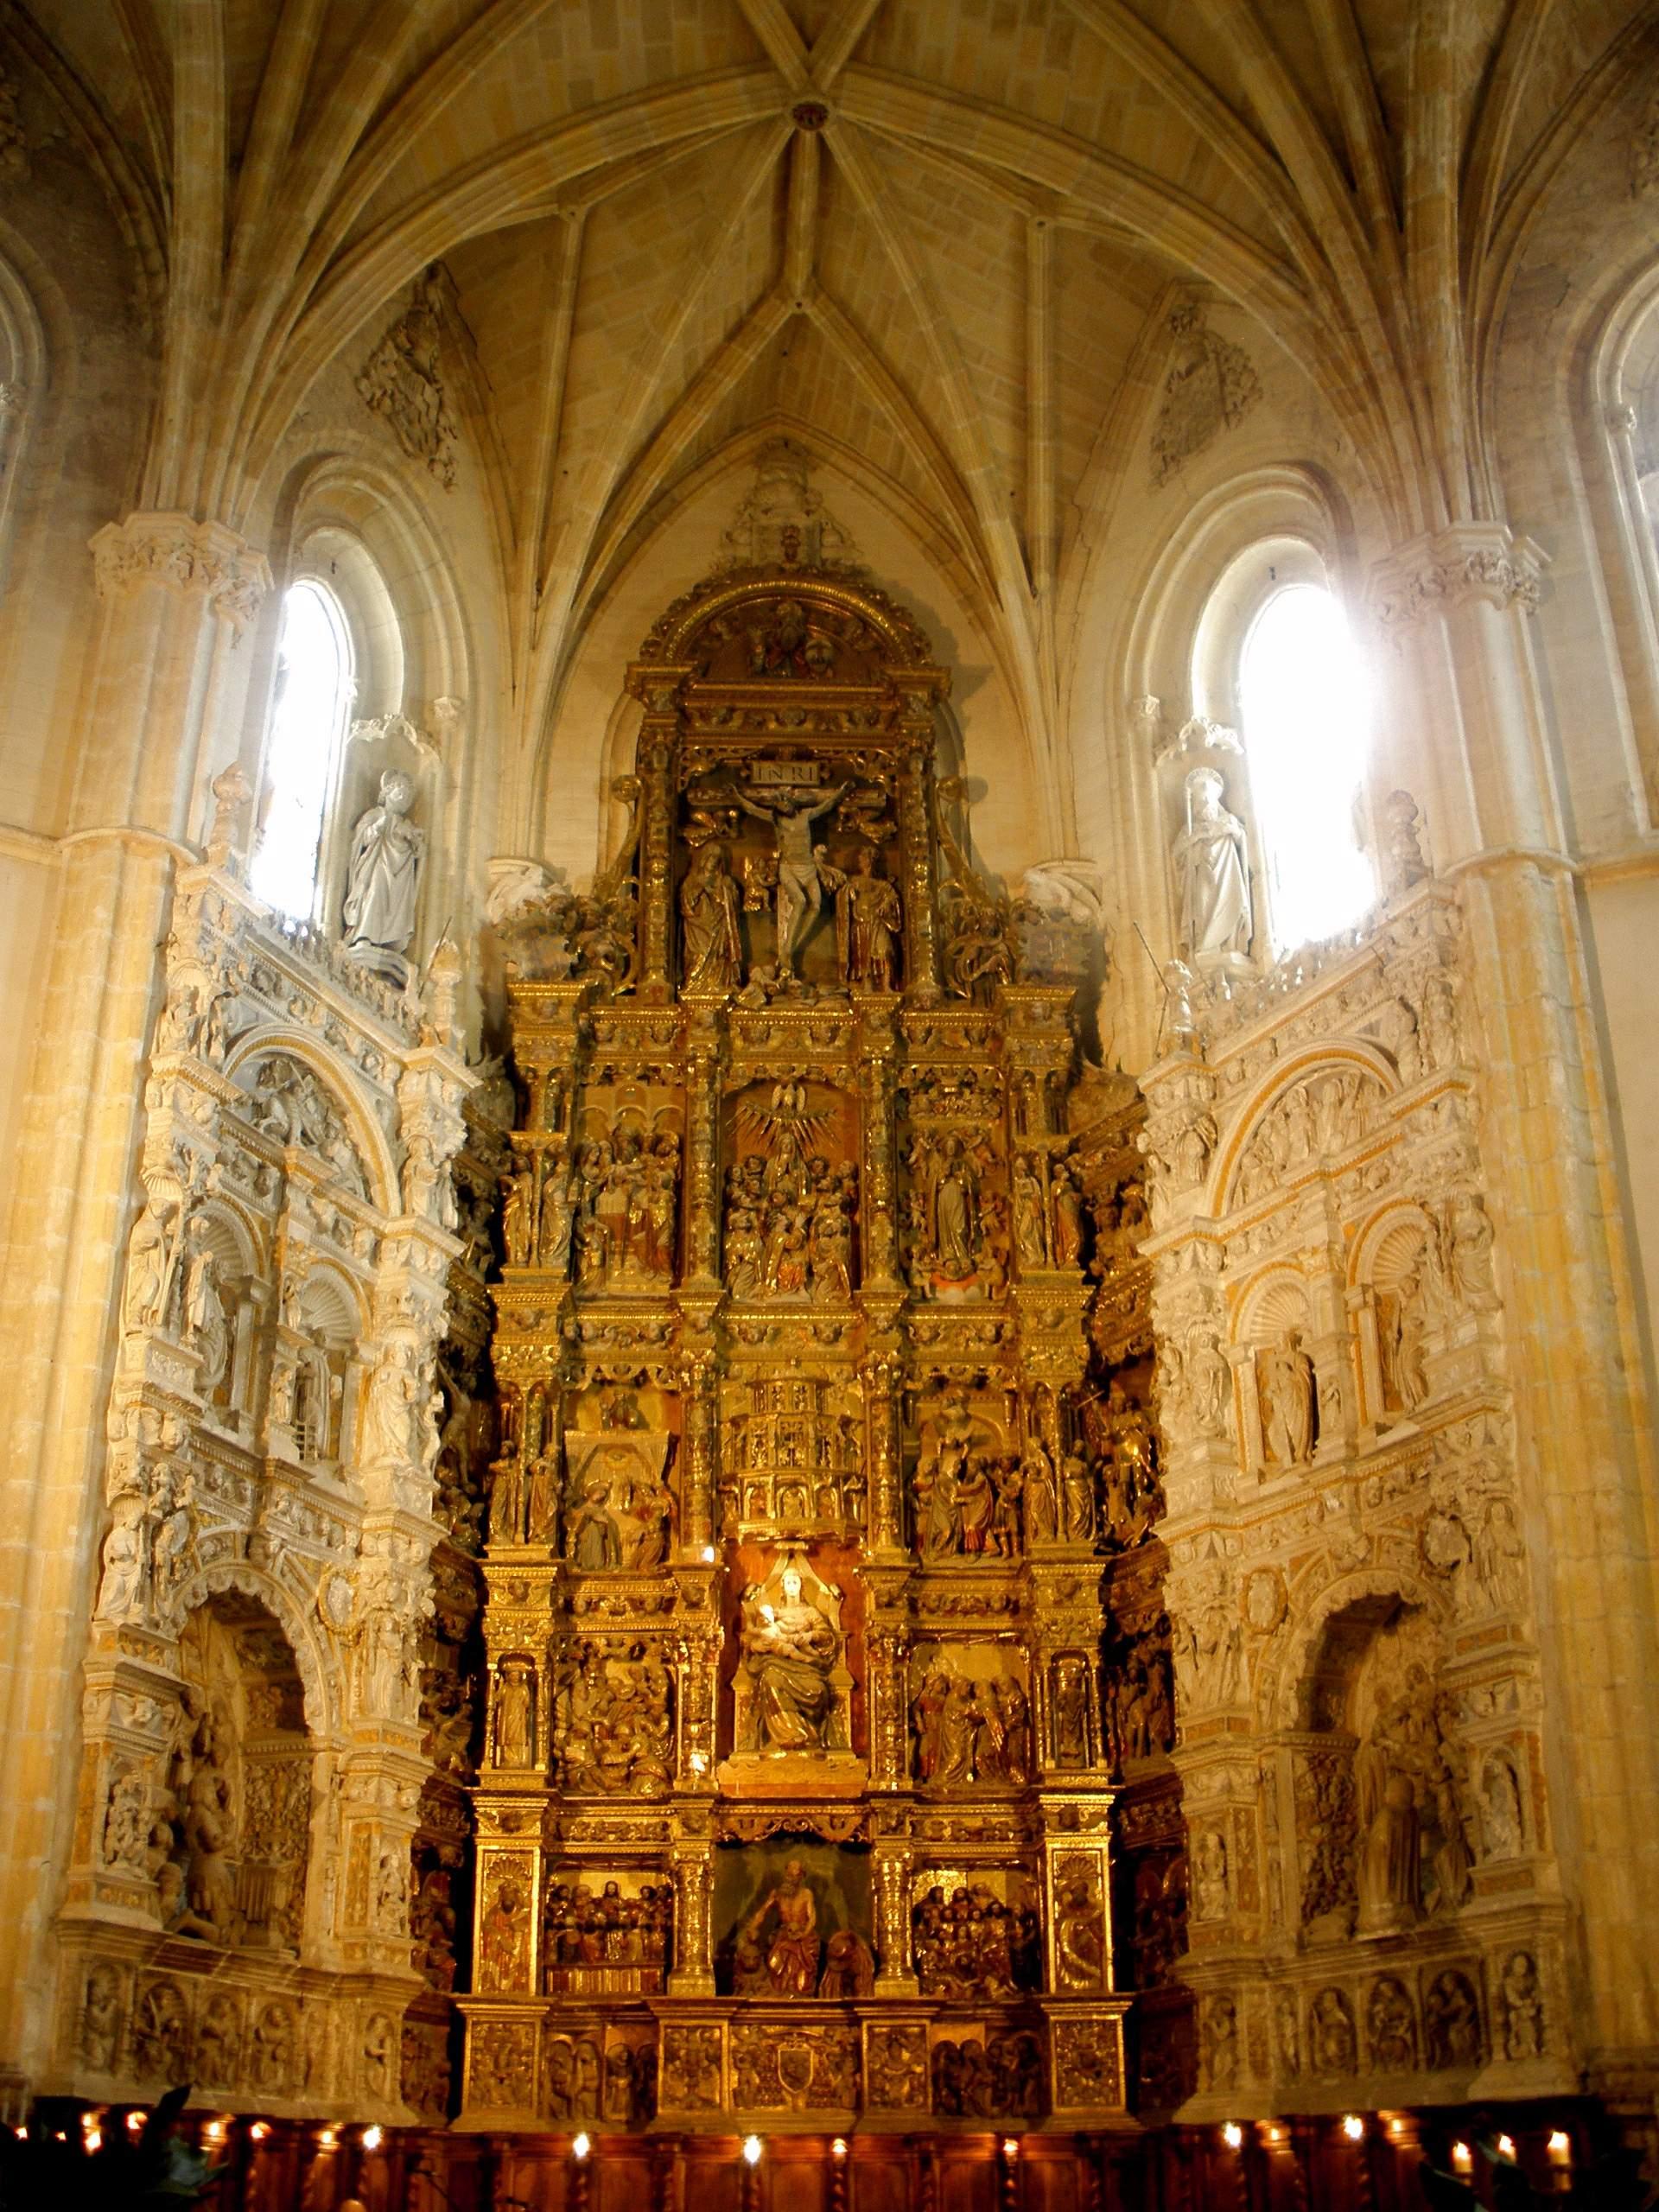 La Orden fue restaurada en 1925, en el Monasterio de Santa María Del Parral, en Segovia, por el Beato Manuel de La Sagrada Familia, quien moriría fusilado durante la Guerra Civil. Foto de Zarateman, Wikimedia Commons.